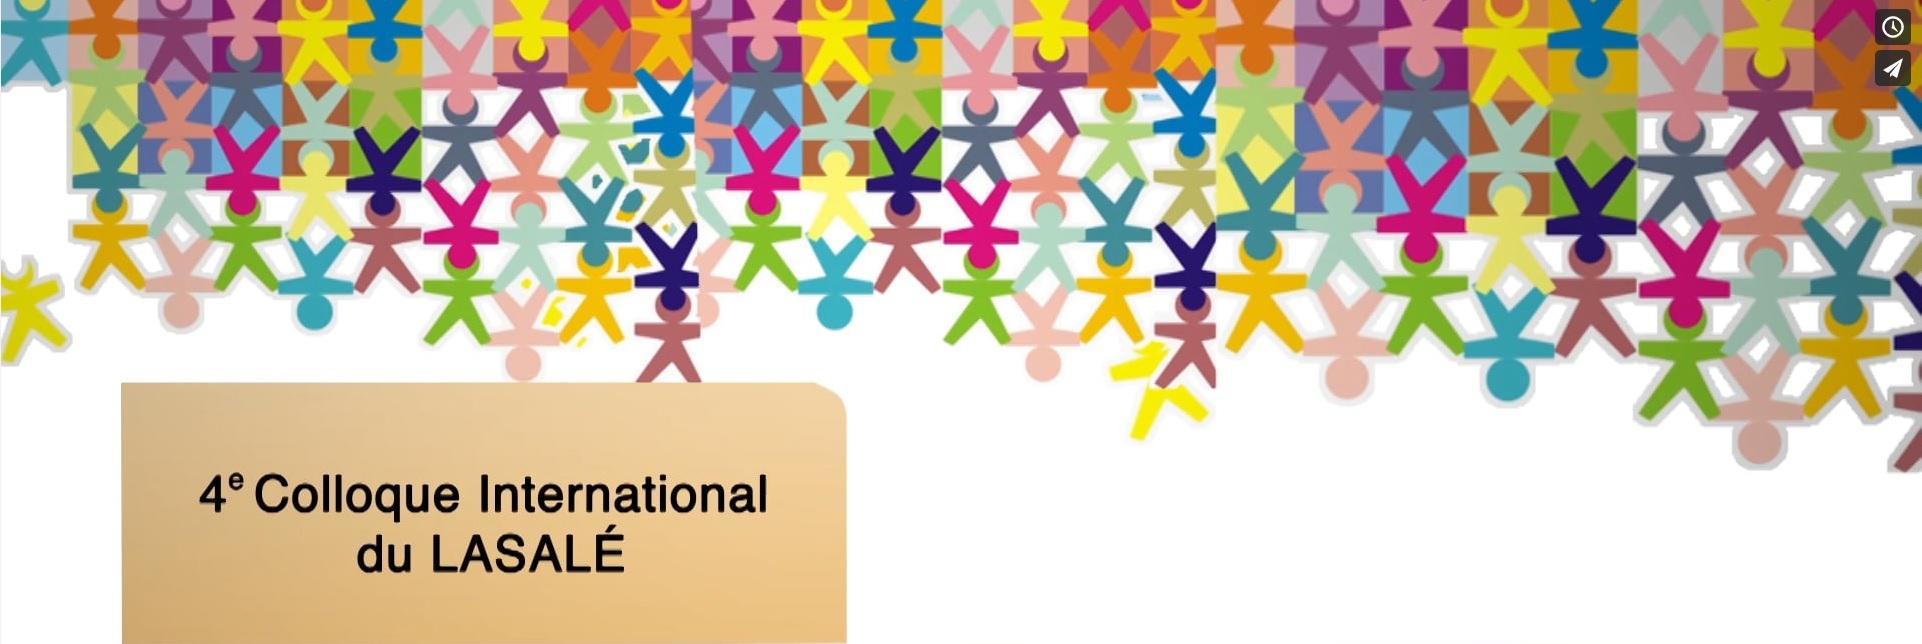 4ème colloque international du LASALÉ*: «Causes communes pour une communauté éducative durable»